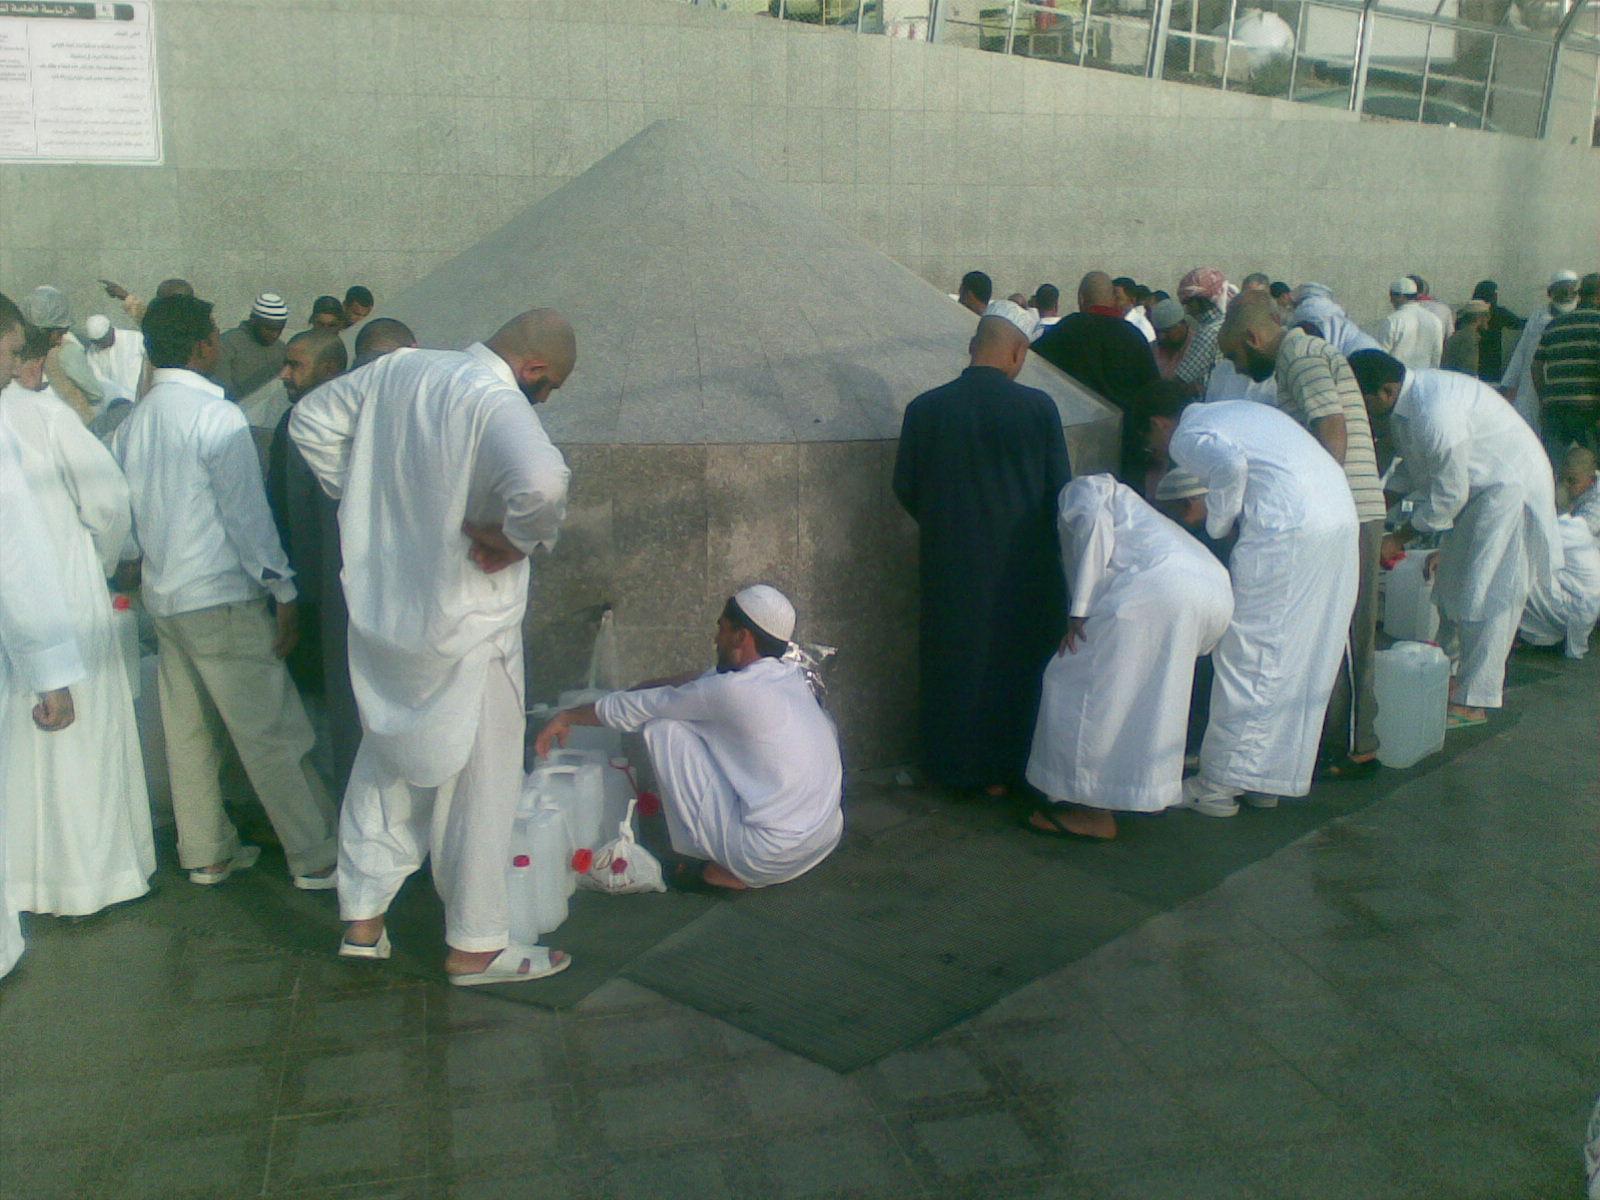 Mecca_zamzam